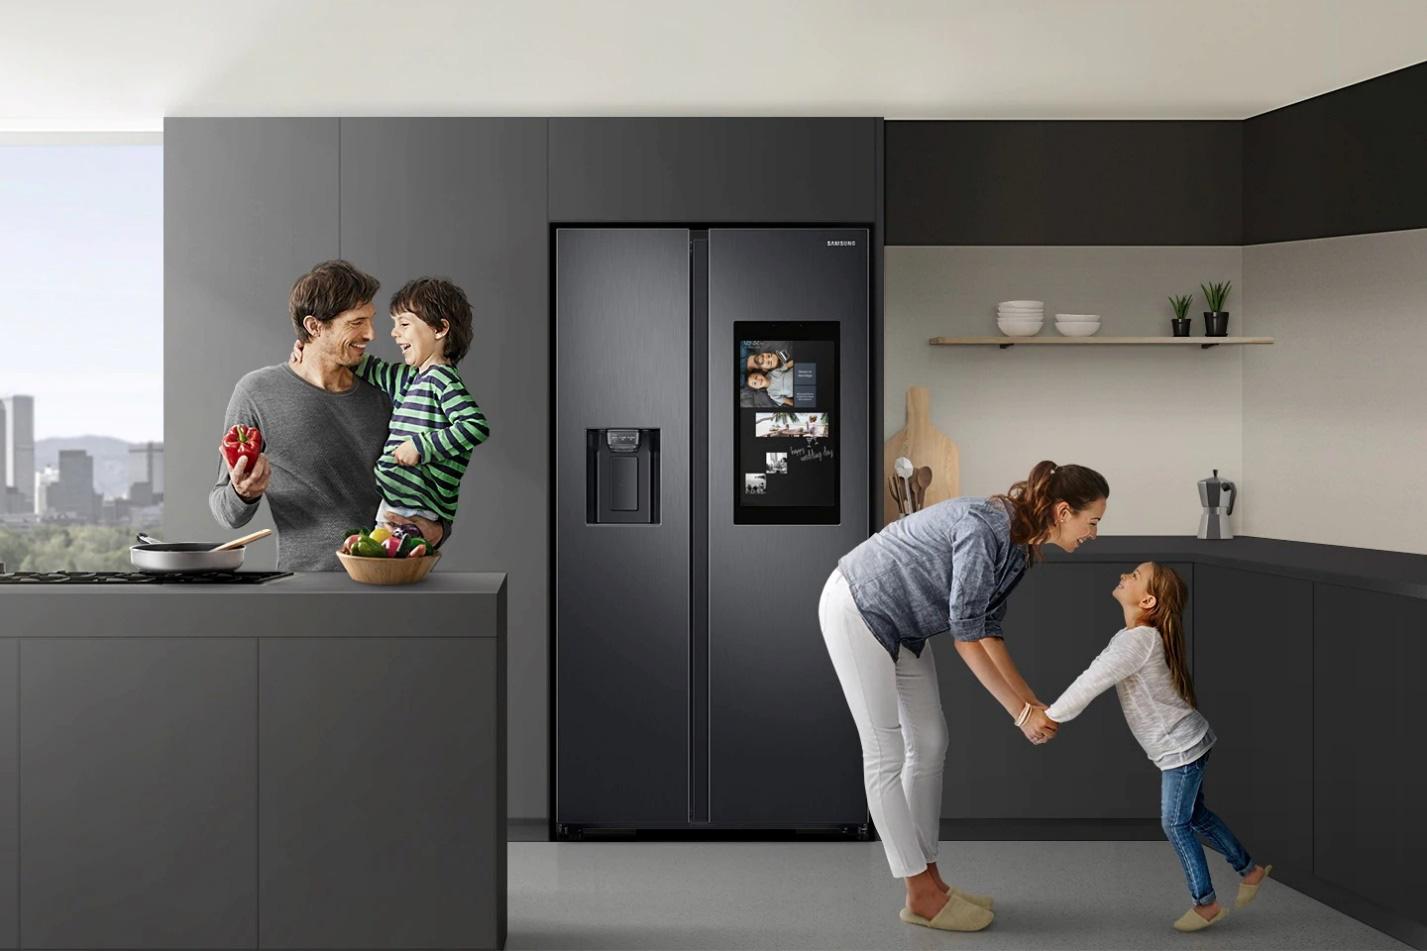 """Tuyệt kỹ chăm người yêu thời 4.0 bằng chiếc tủ lạnh """"siêu cấp to cao 1m78"""" - Ảnh 3."""